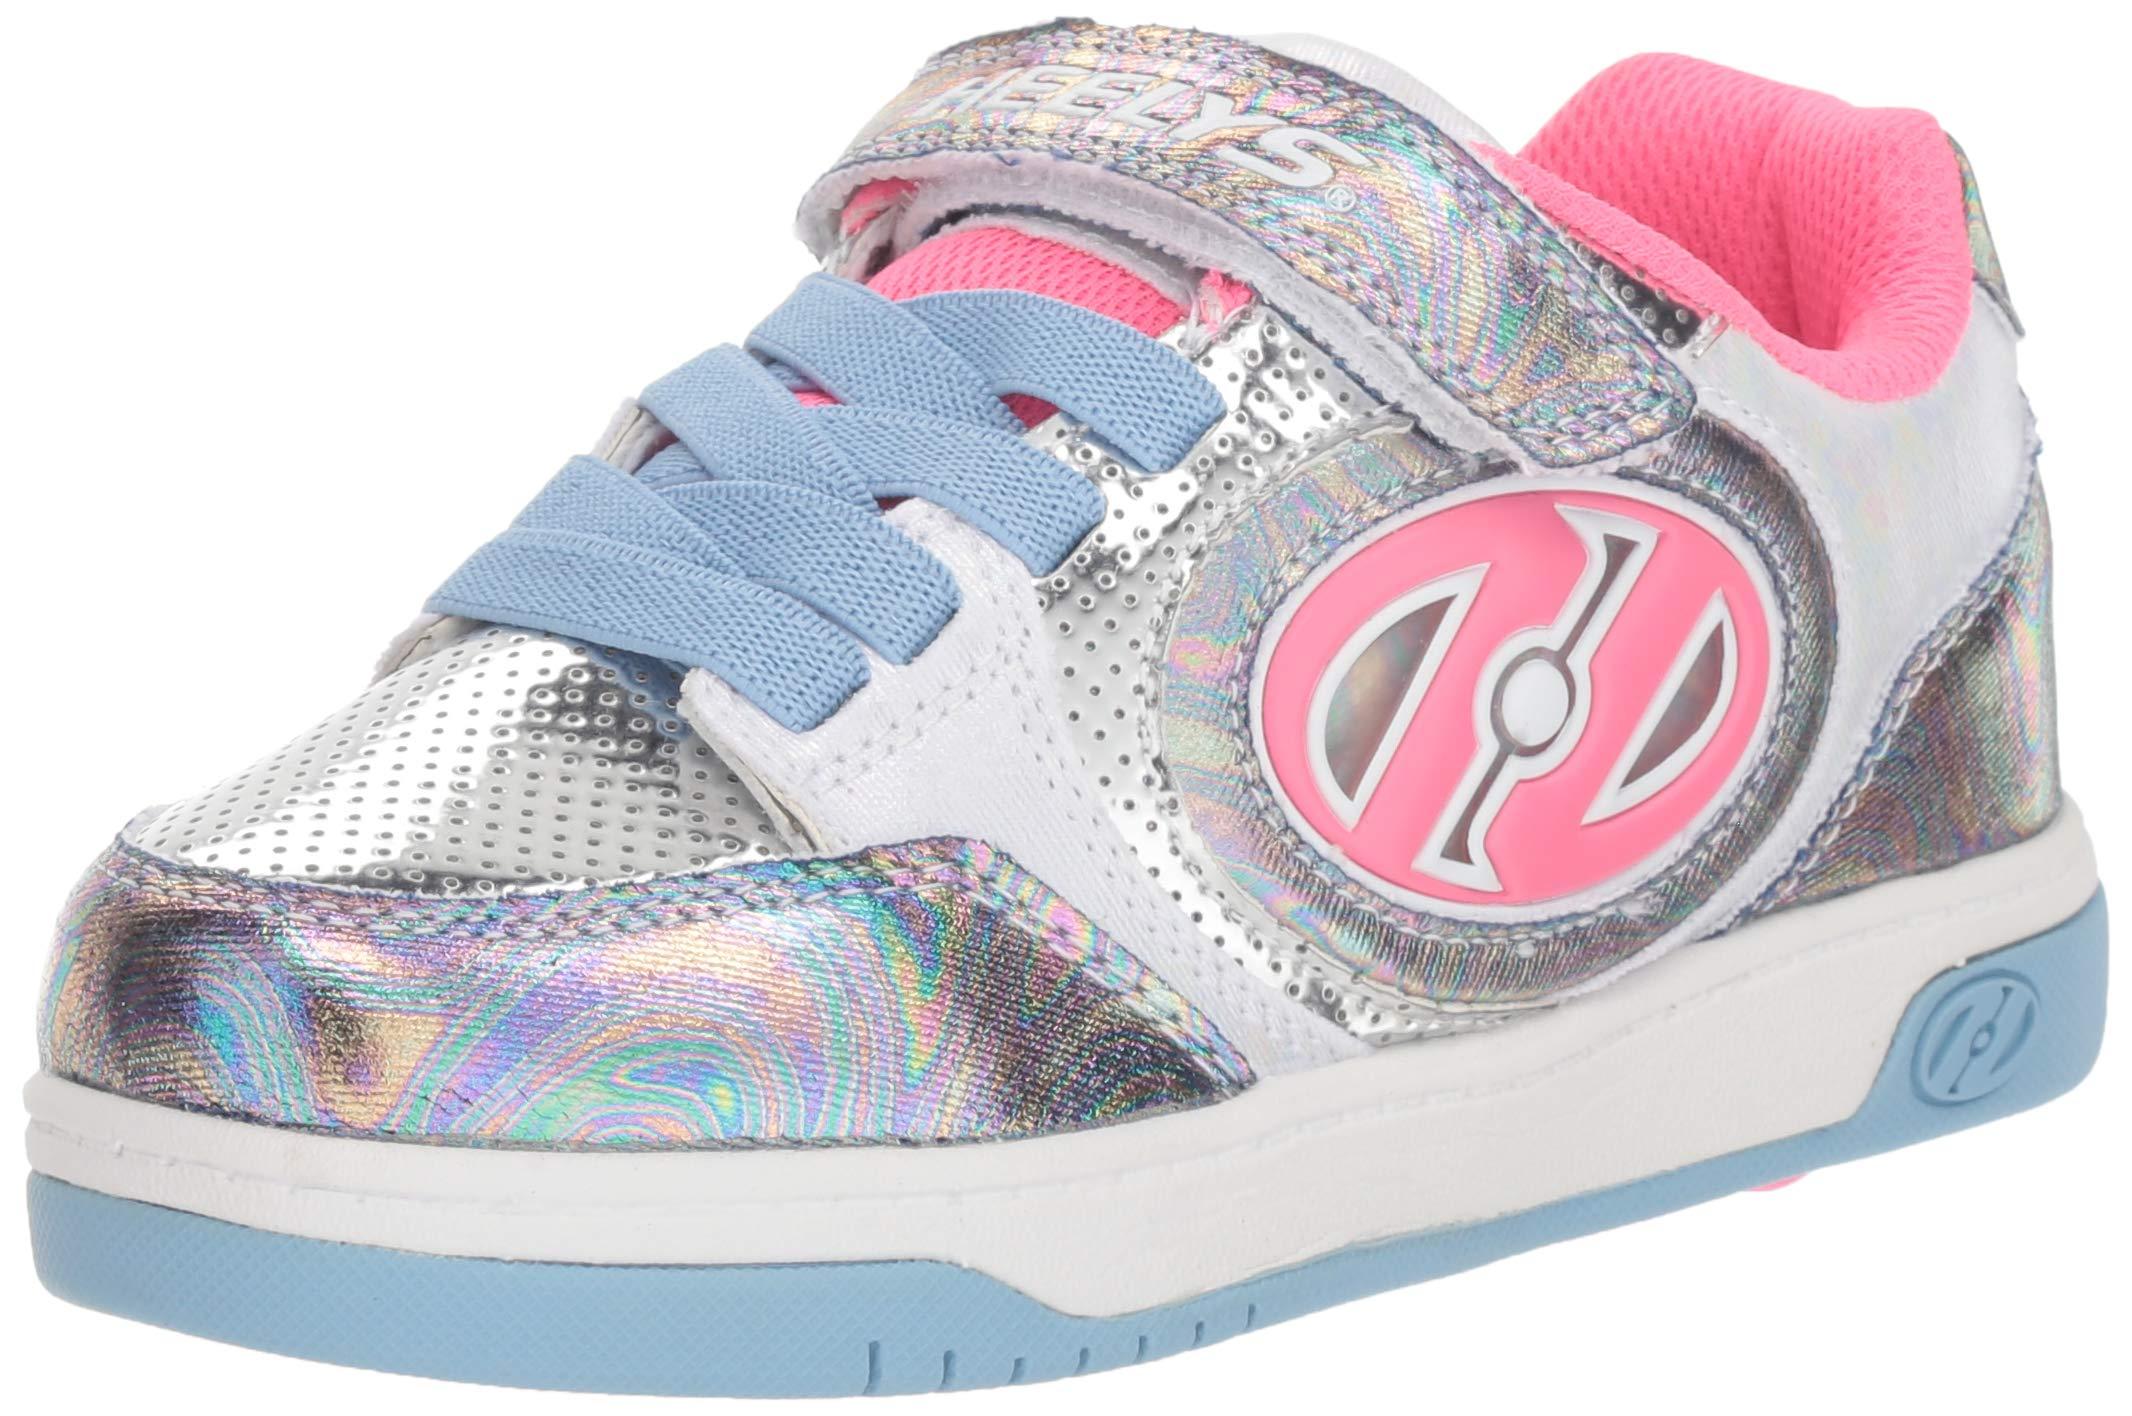 Heelys Kids' Plus X2 Lighted Tennis Shoe, Blue/Hologram/Fuchsia, 2 M US Little Kid